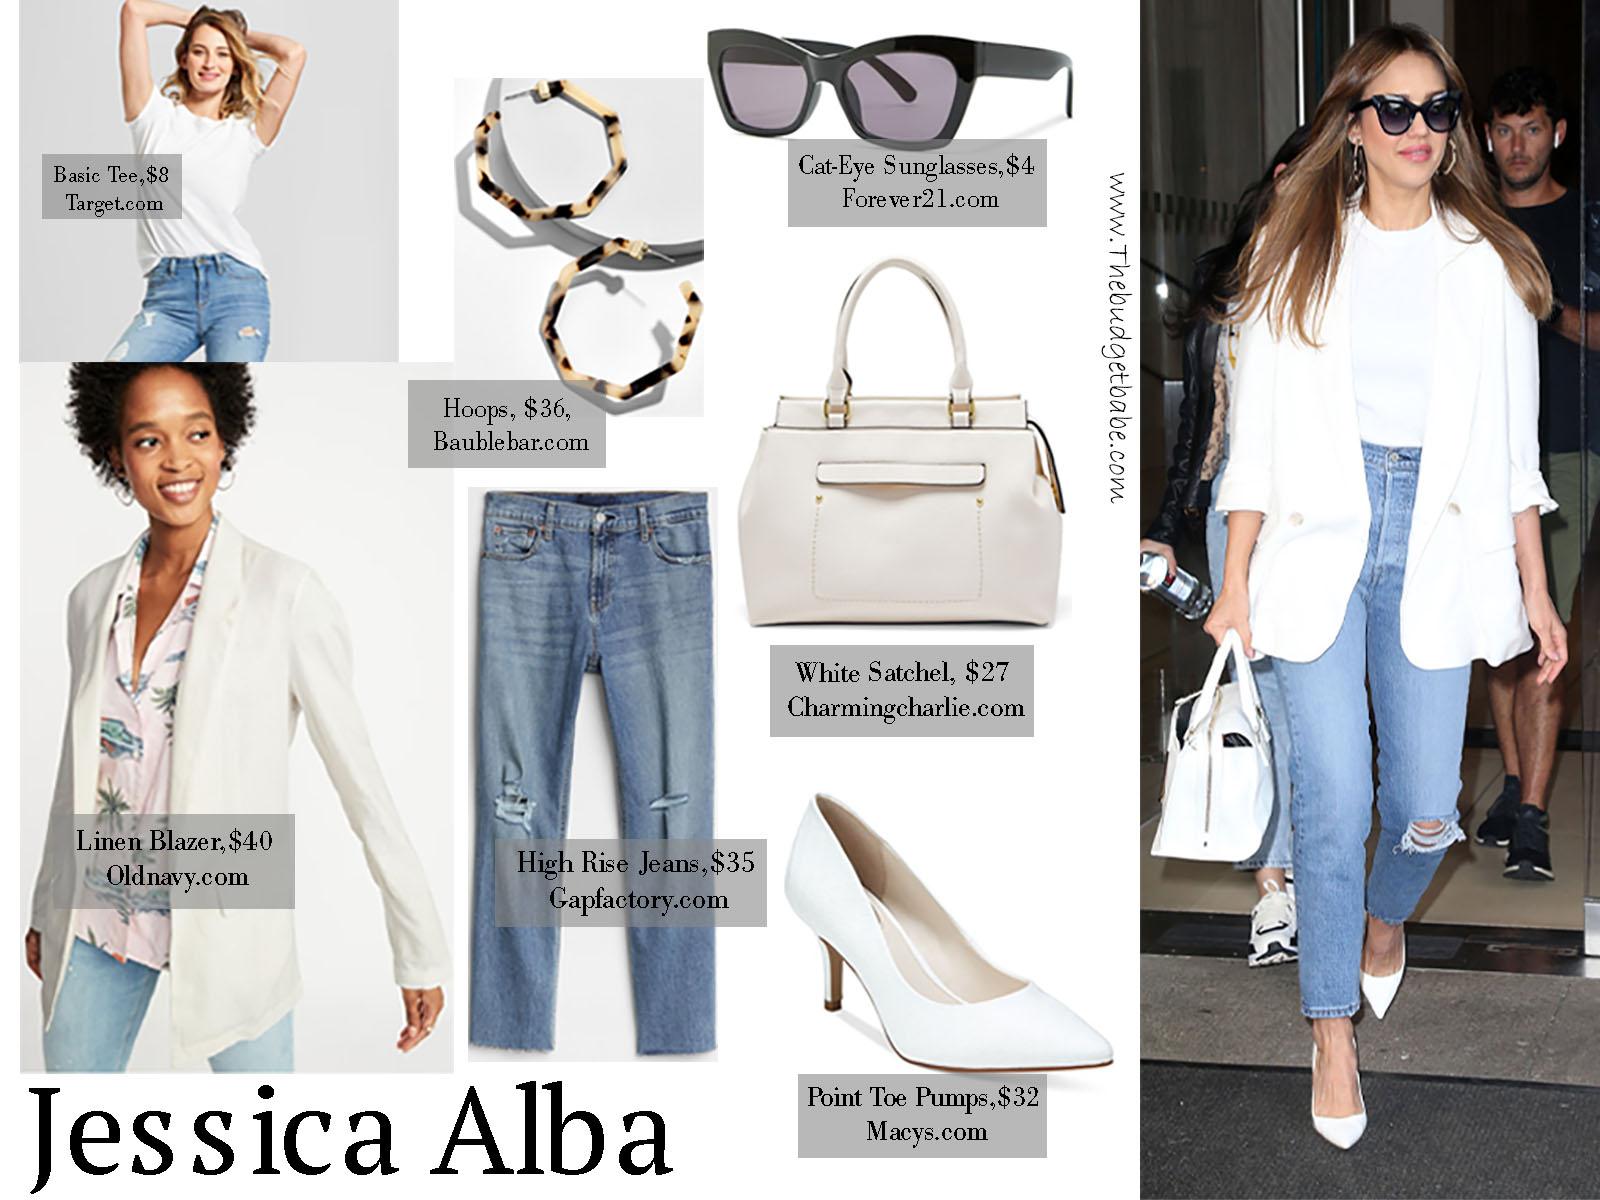 72c2c816de Jessica Alba White Blazer Denim Handbag Pumps Sunglasses